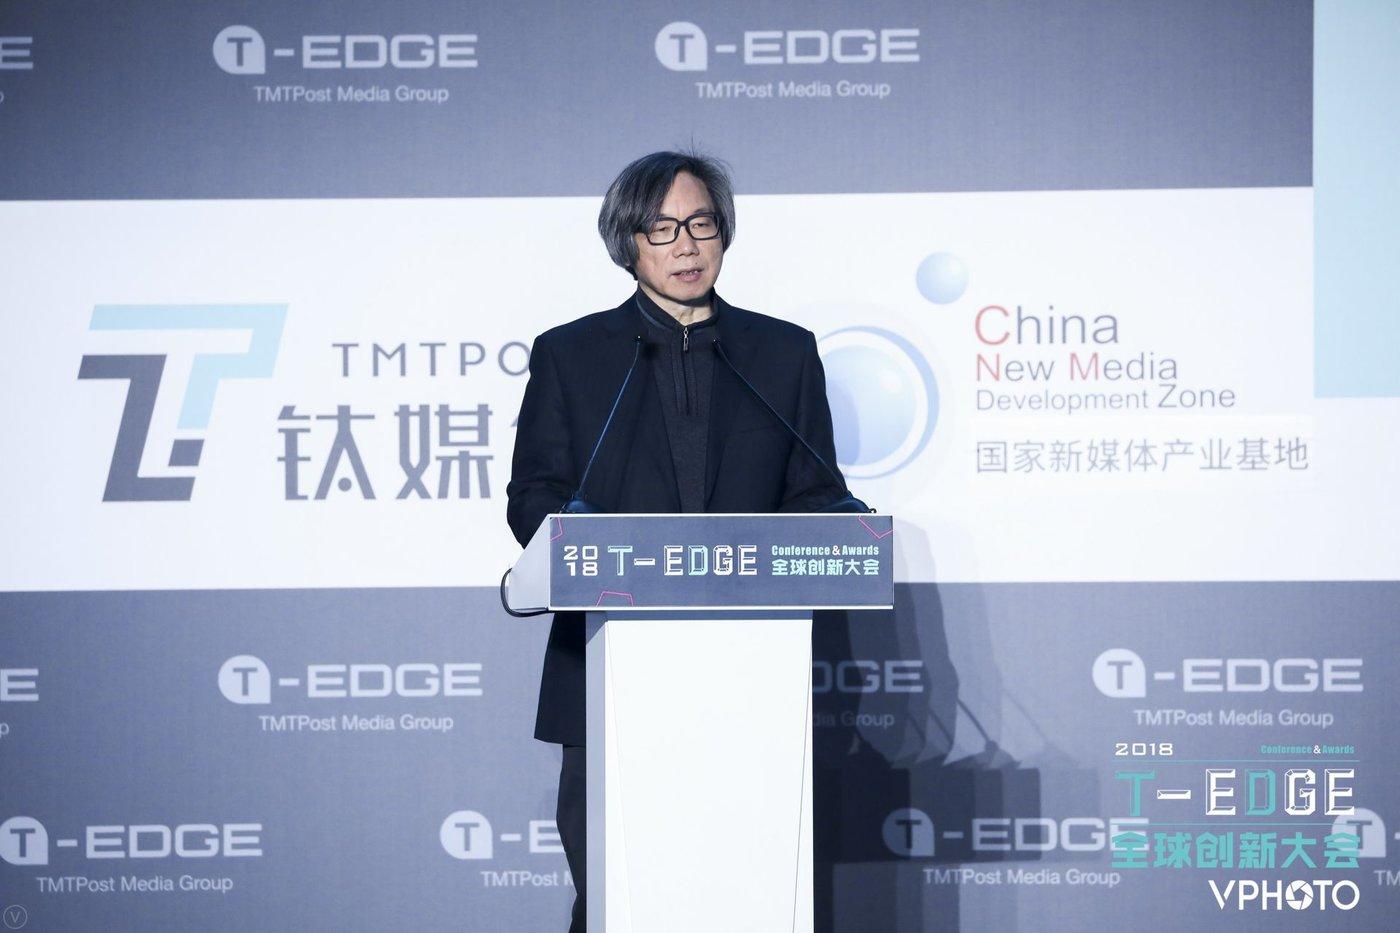 北京文投集团总经理、新京报创始人戴自更在 2018 T-EDGE 创新大会